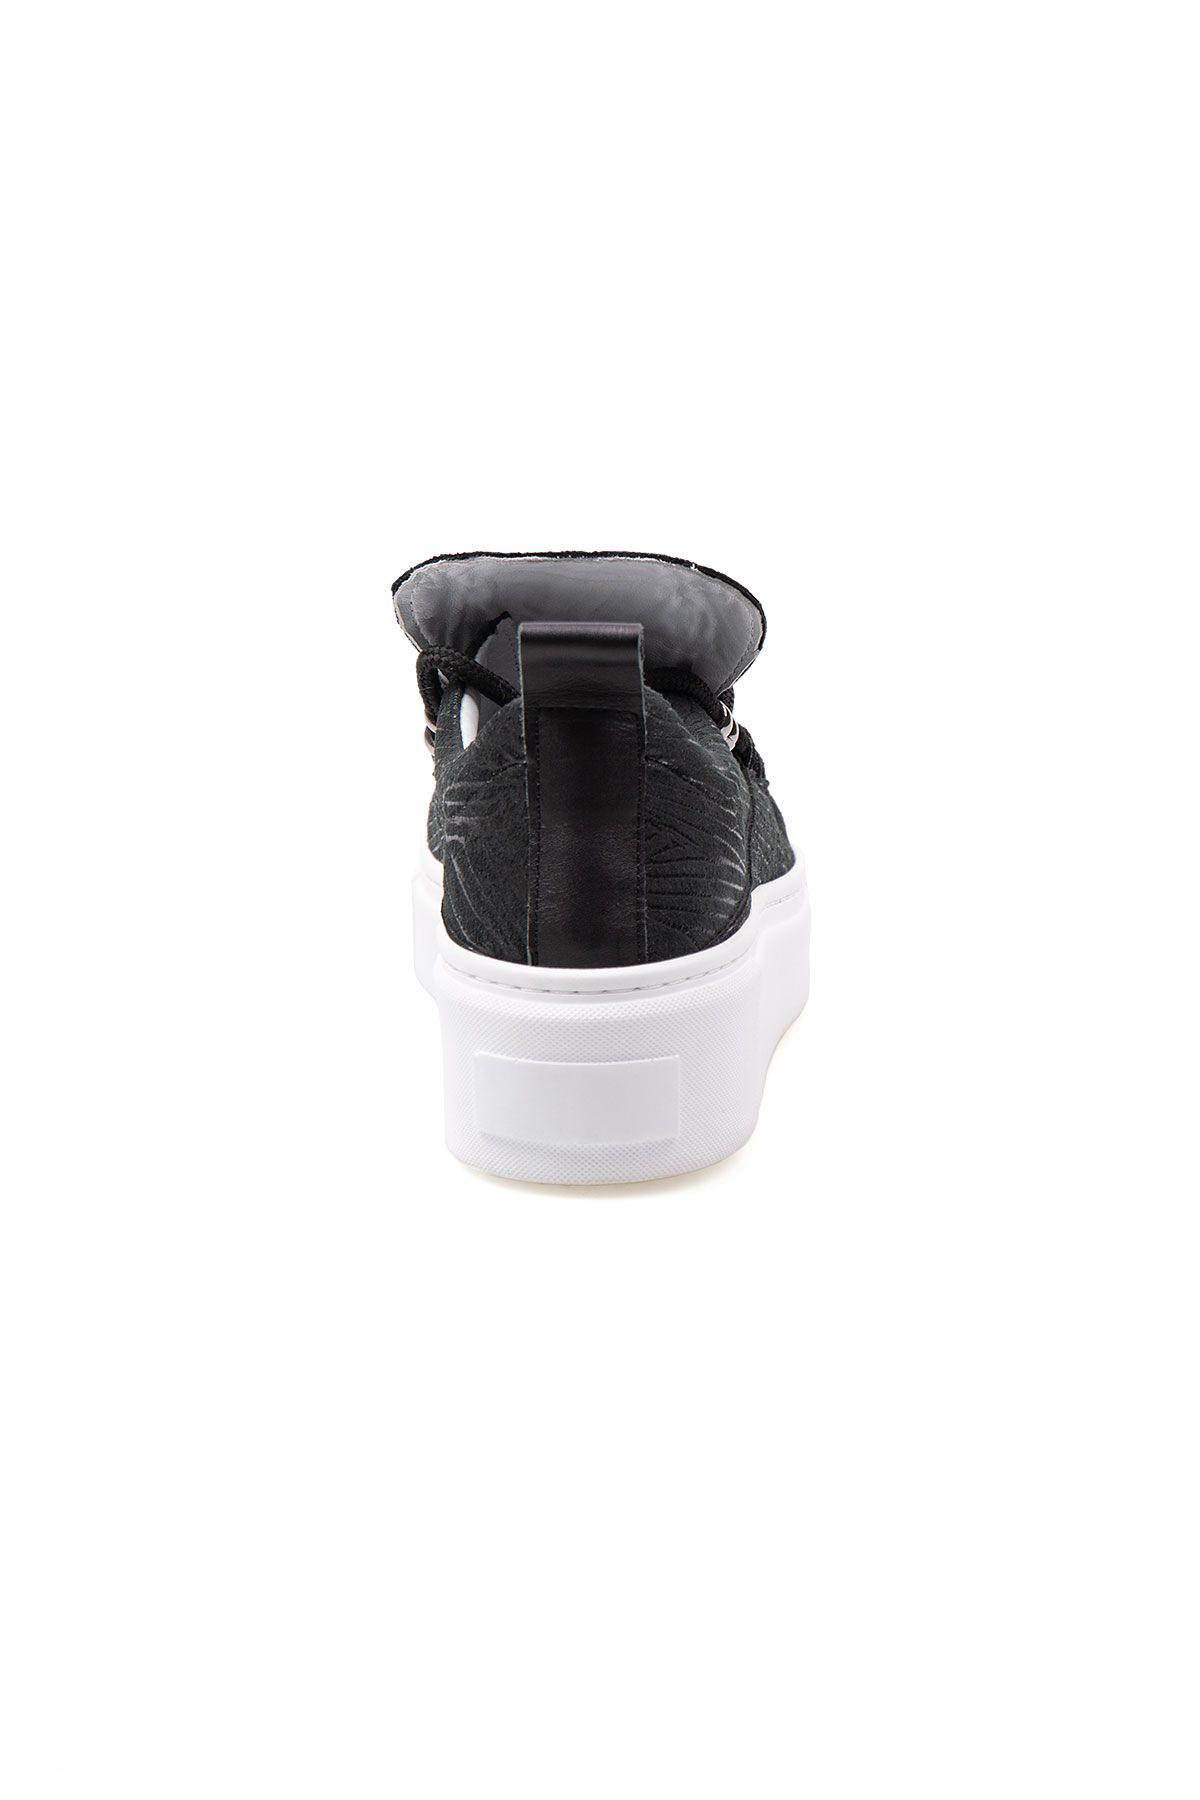 Pegia Genuine Leather Women's Sneaker LA1709 Black